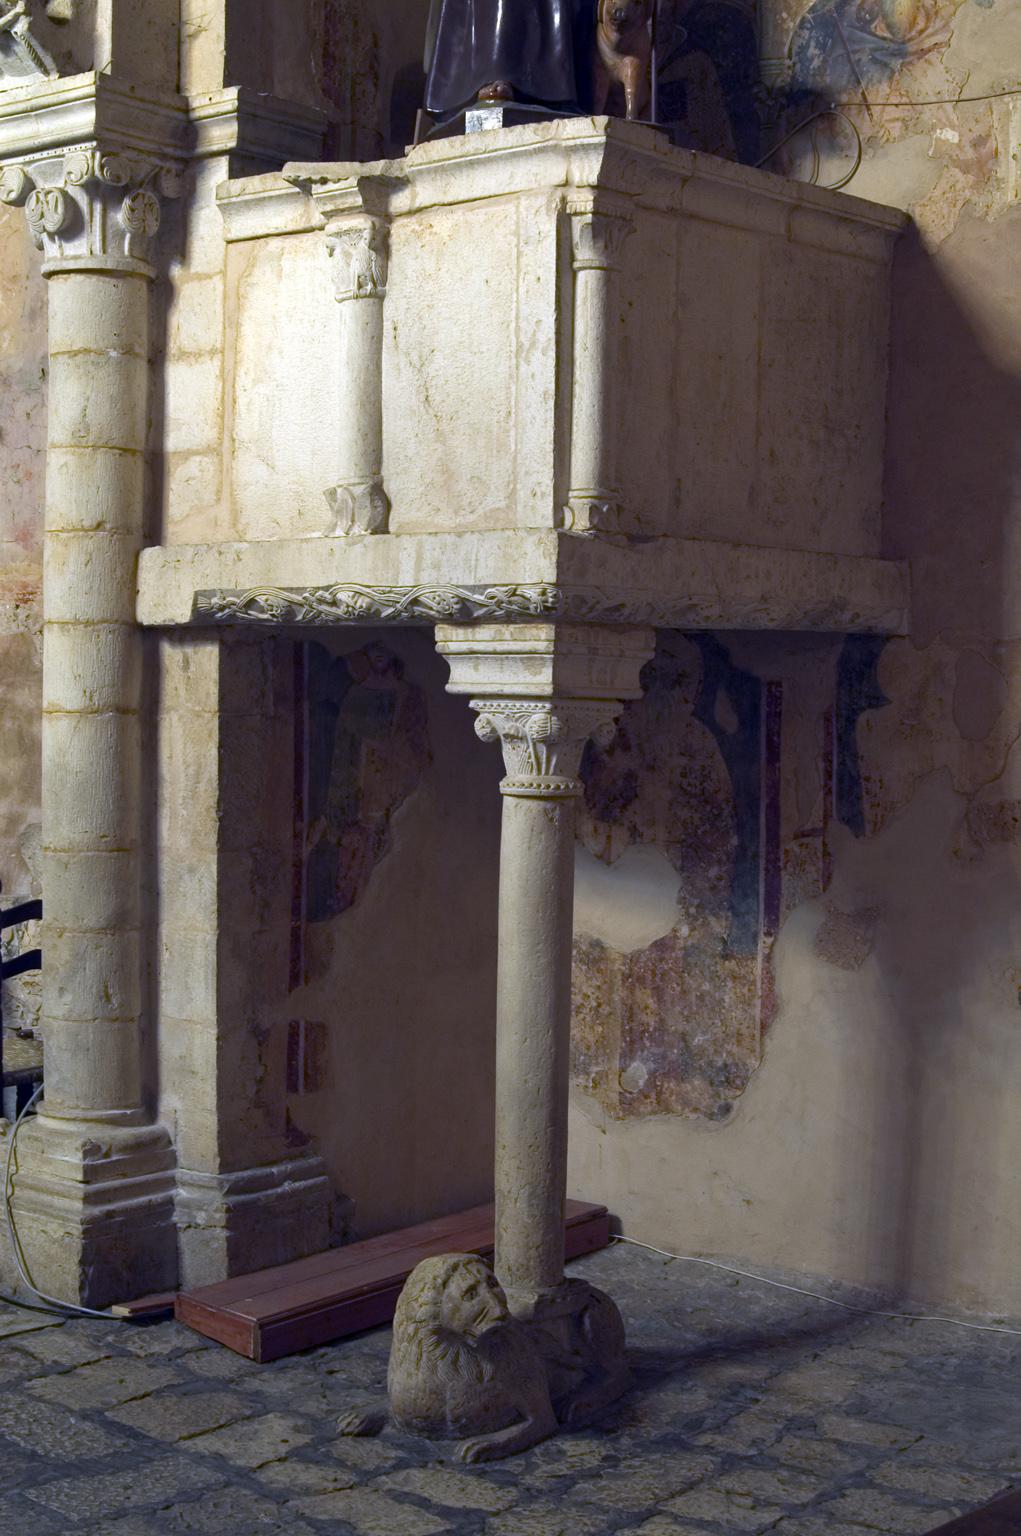 ill.22: Scuola privernate, sec. XIV, Pulpito, pietra calcarea